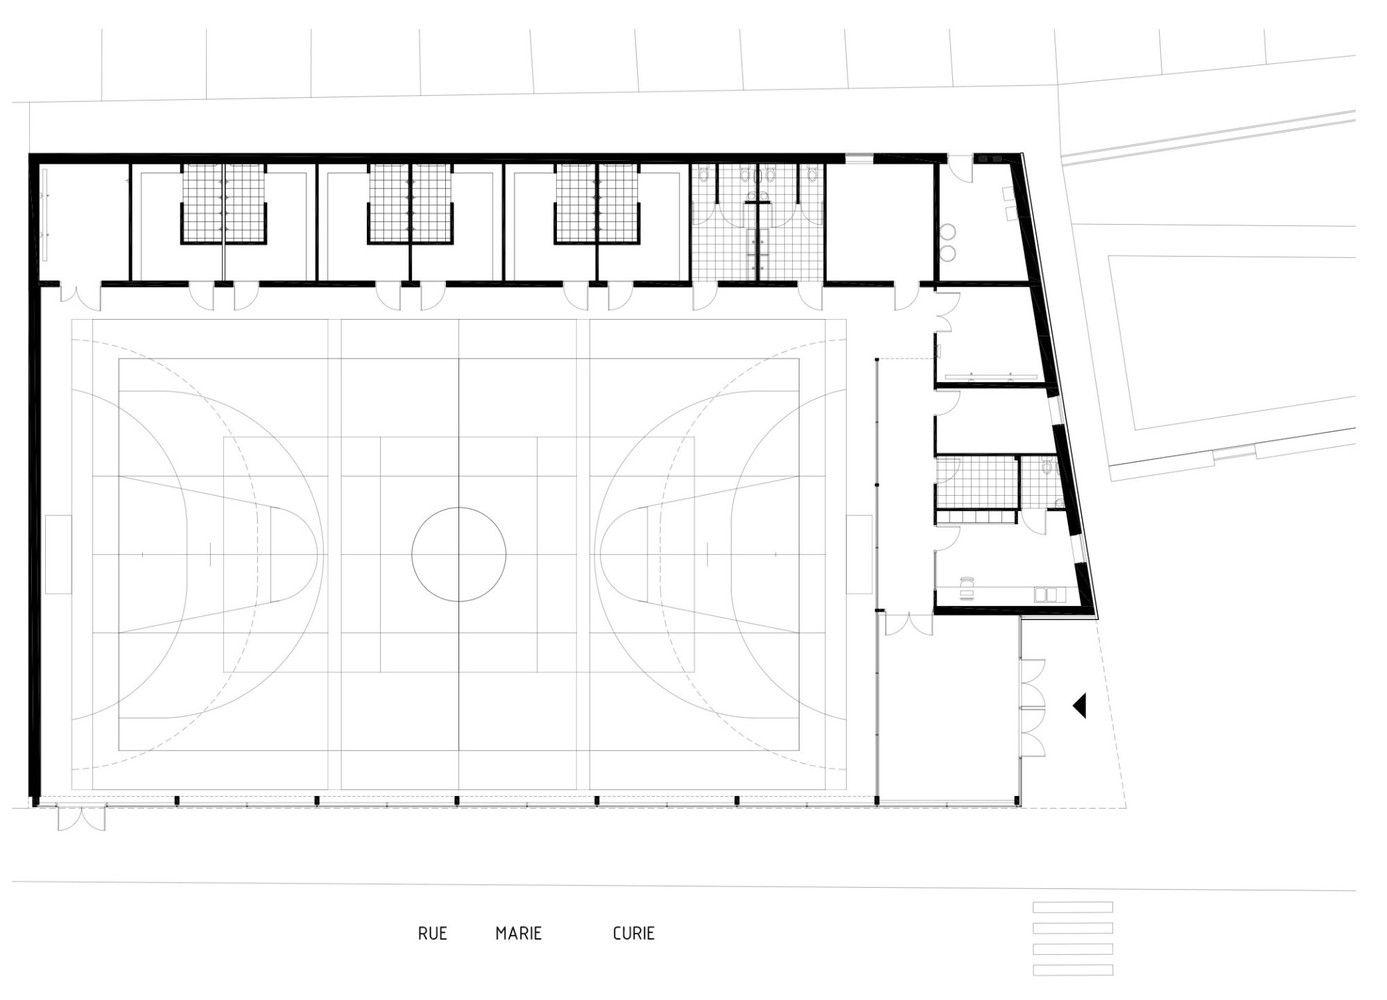 Galería de Gimnasio del Colegio Asnières-sur-Seine / Ateliers O-S architectes - 12